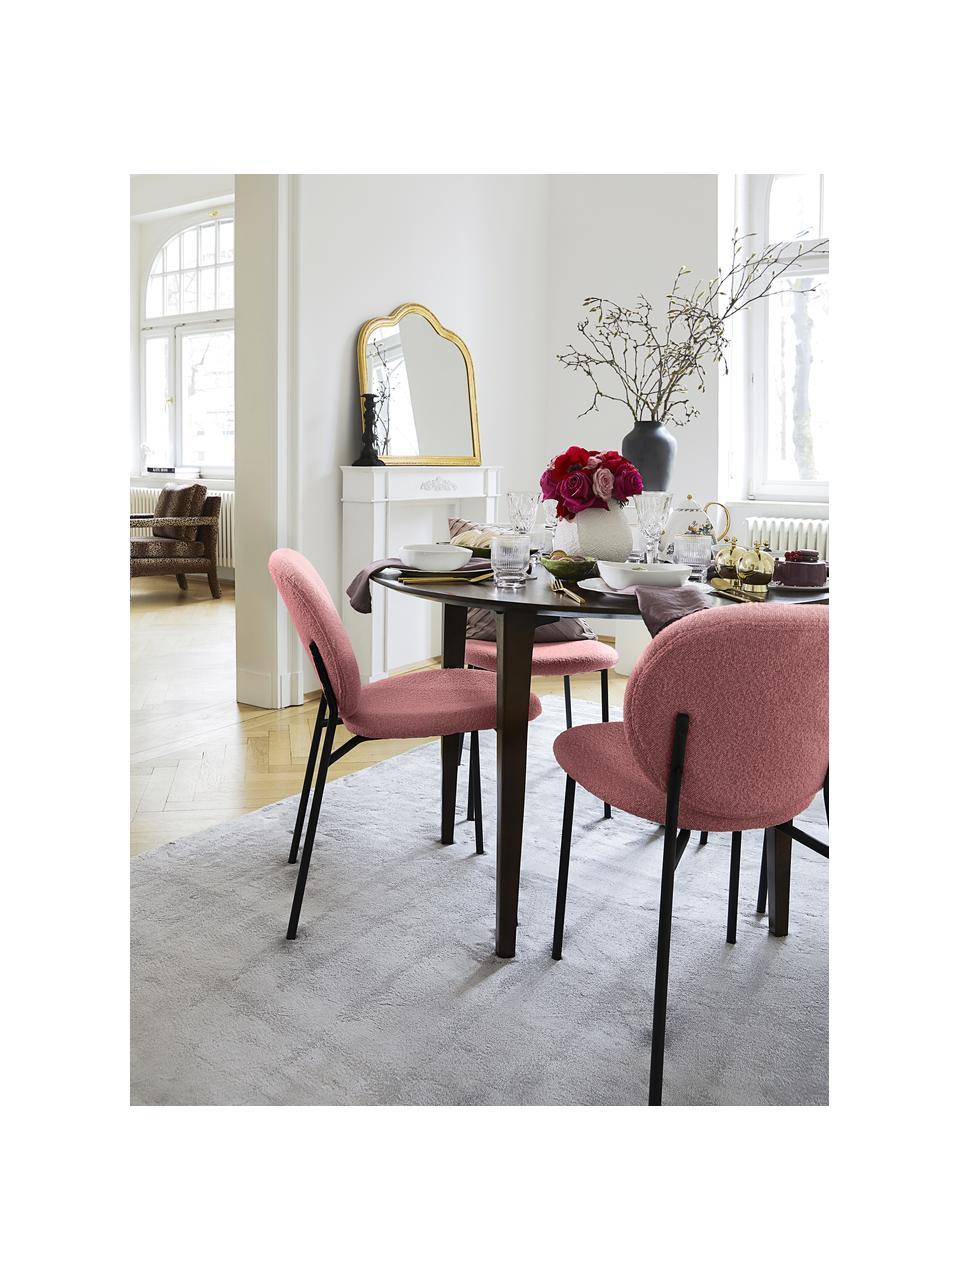 Bouclé-gestoffeerde stoelen Ulrica in roze, 2 stuks, Bekleding: 100% polyester, Poten: gepoedercoat metaalkleuri, Roze, 47 x 61 cm